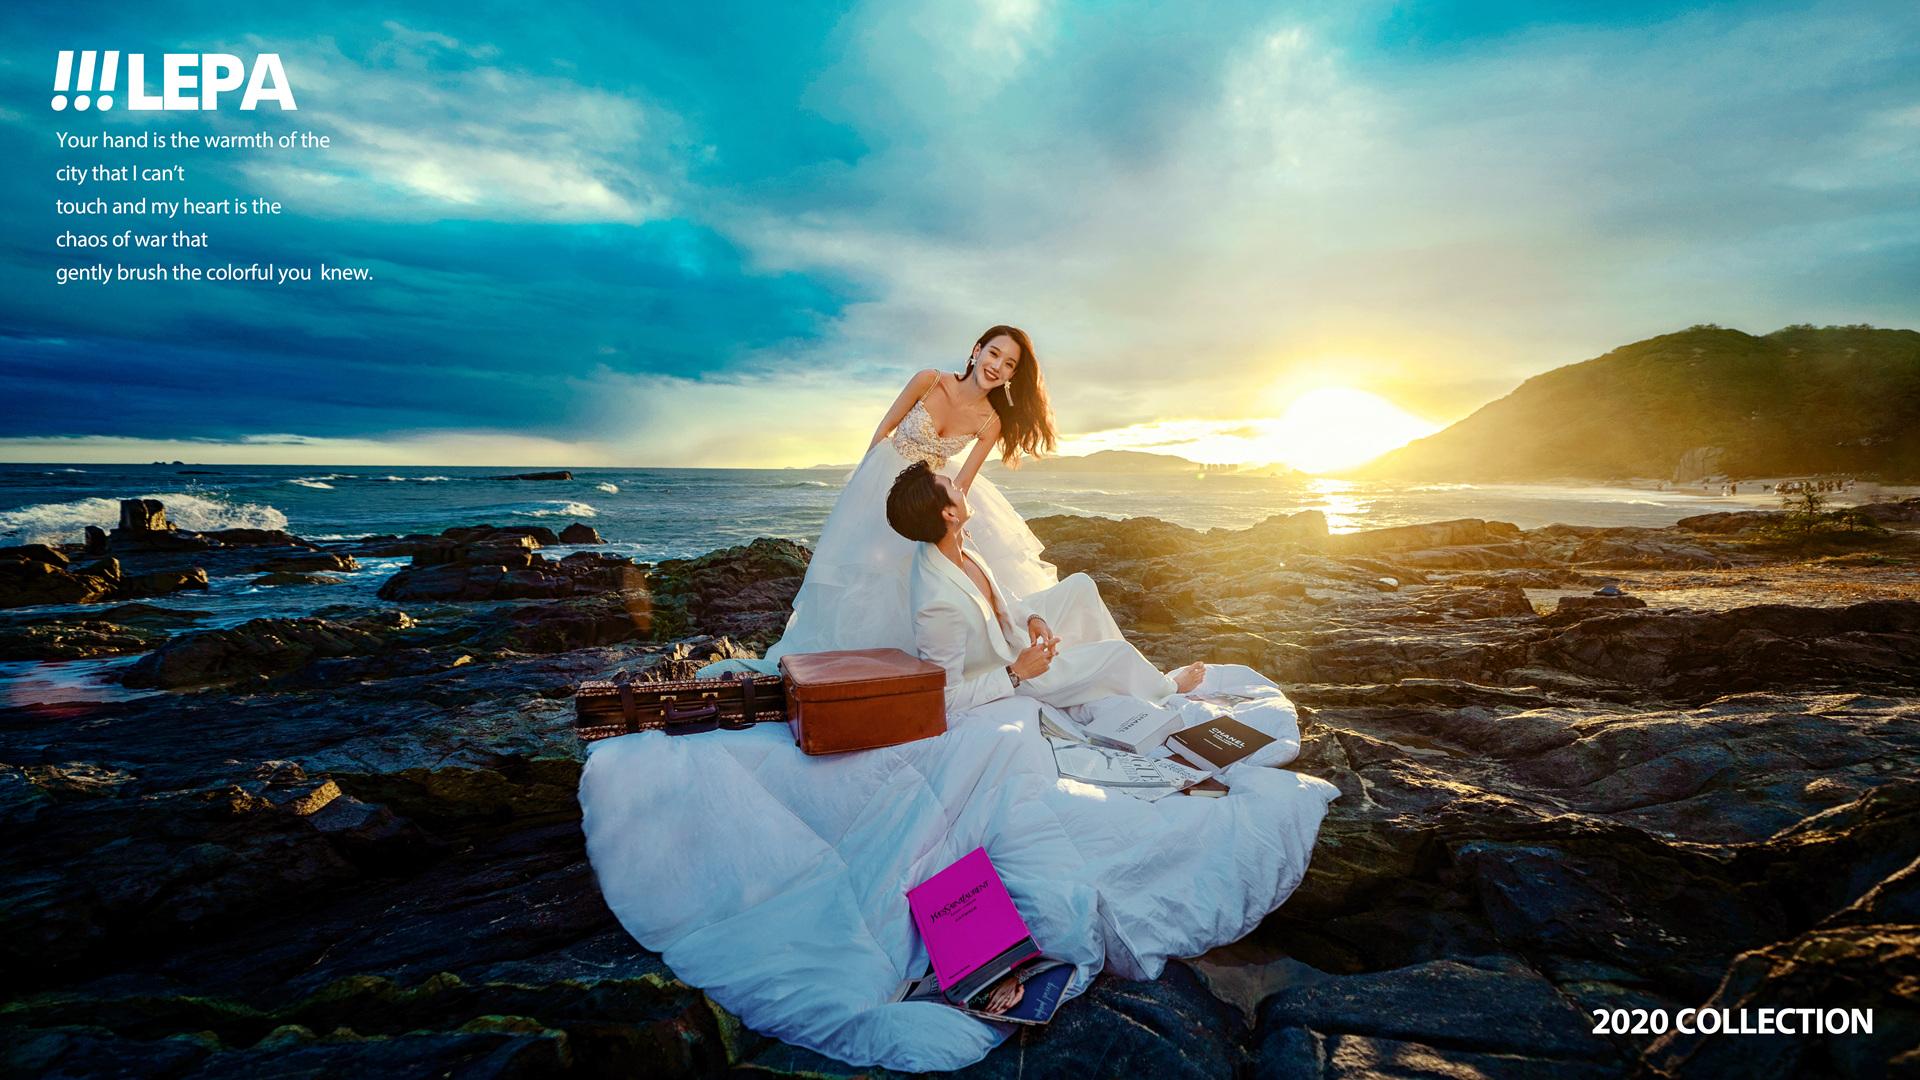 怎么挑适合的婚纱礼服 厦门婚纱照拍摄服装挑选建议